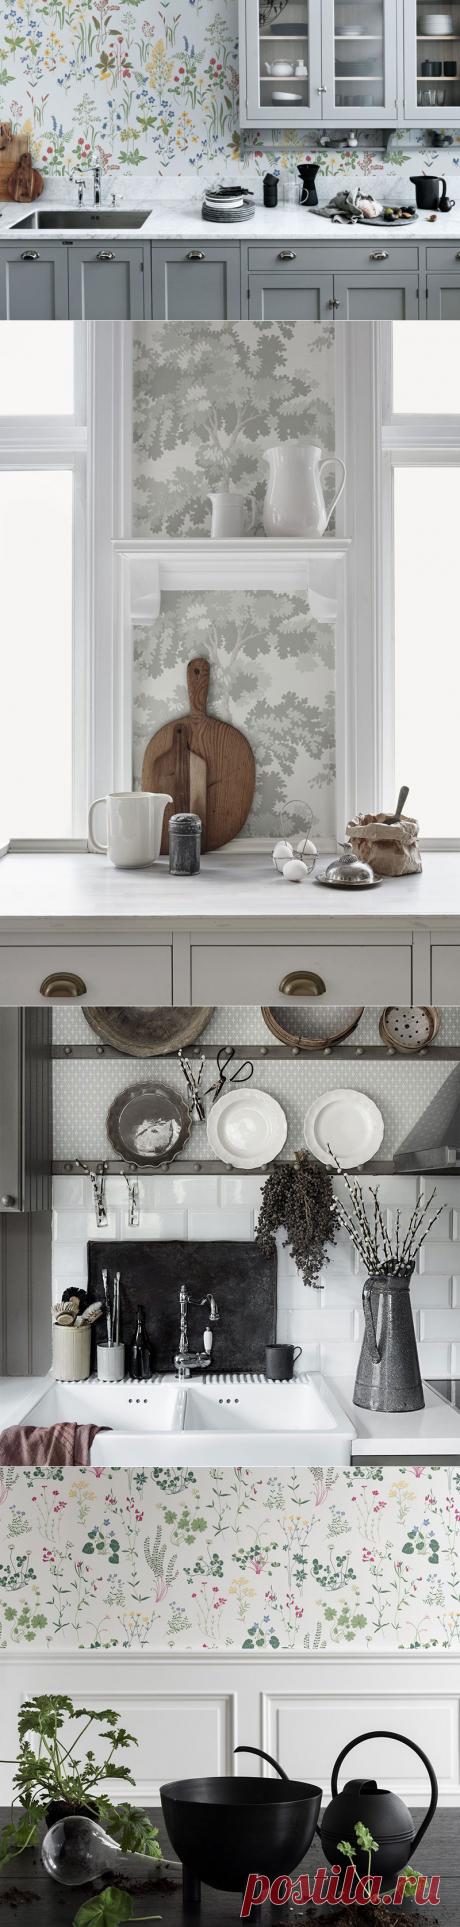 Скандинавские обои в интерьере кухни